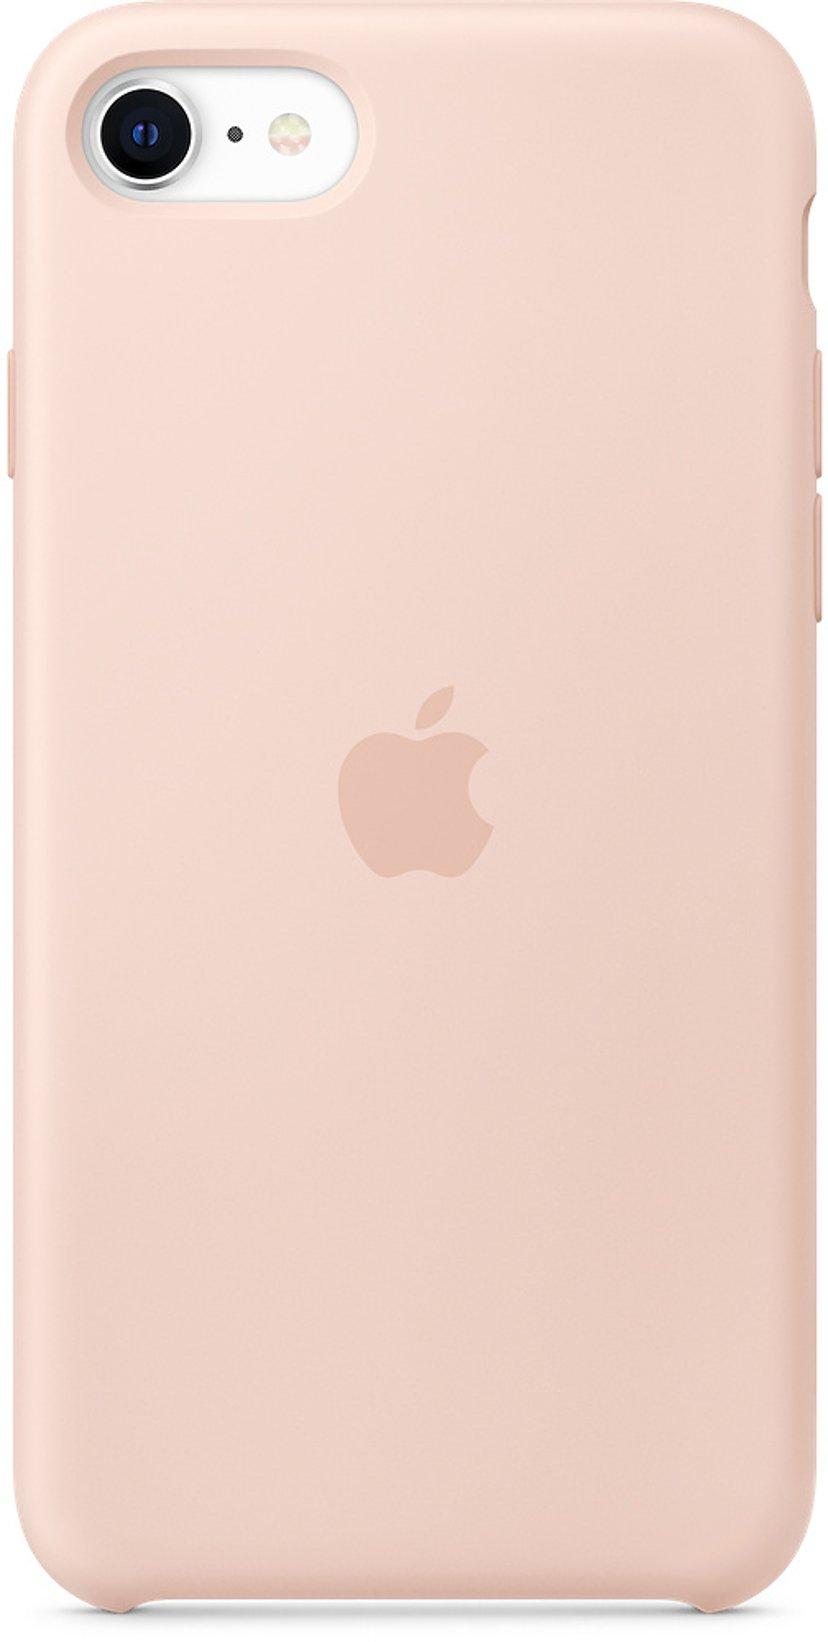 Apple Back cover til mobiltelefon iPhone 7, iPhone 8, iPhone SE (2020) Pink sand